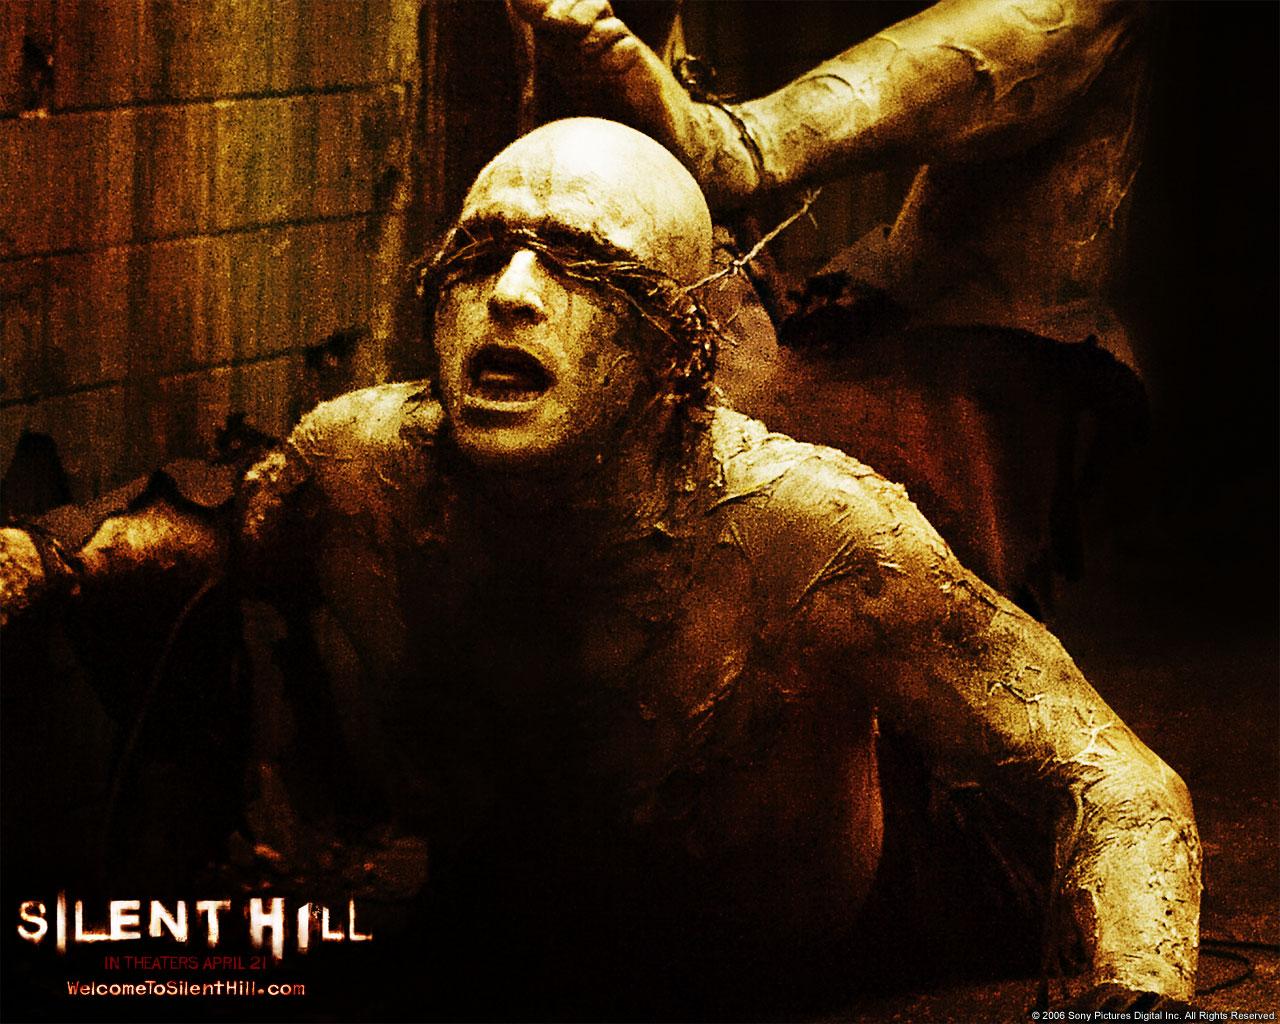 http://2.bp.blogspot.com/-6111fdhG1g4/UBQ8QzsOEPI/AAAAAAAABts/hoHesfwPg6I/s1600/silent-hill-wallpaper-23-1280.jpg